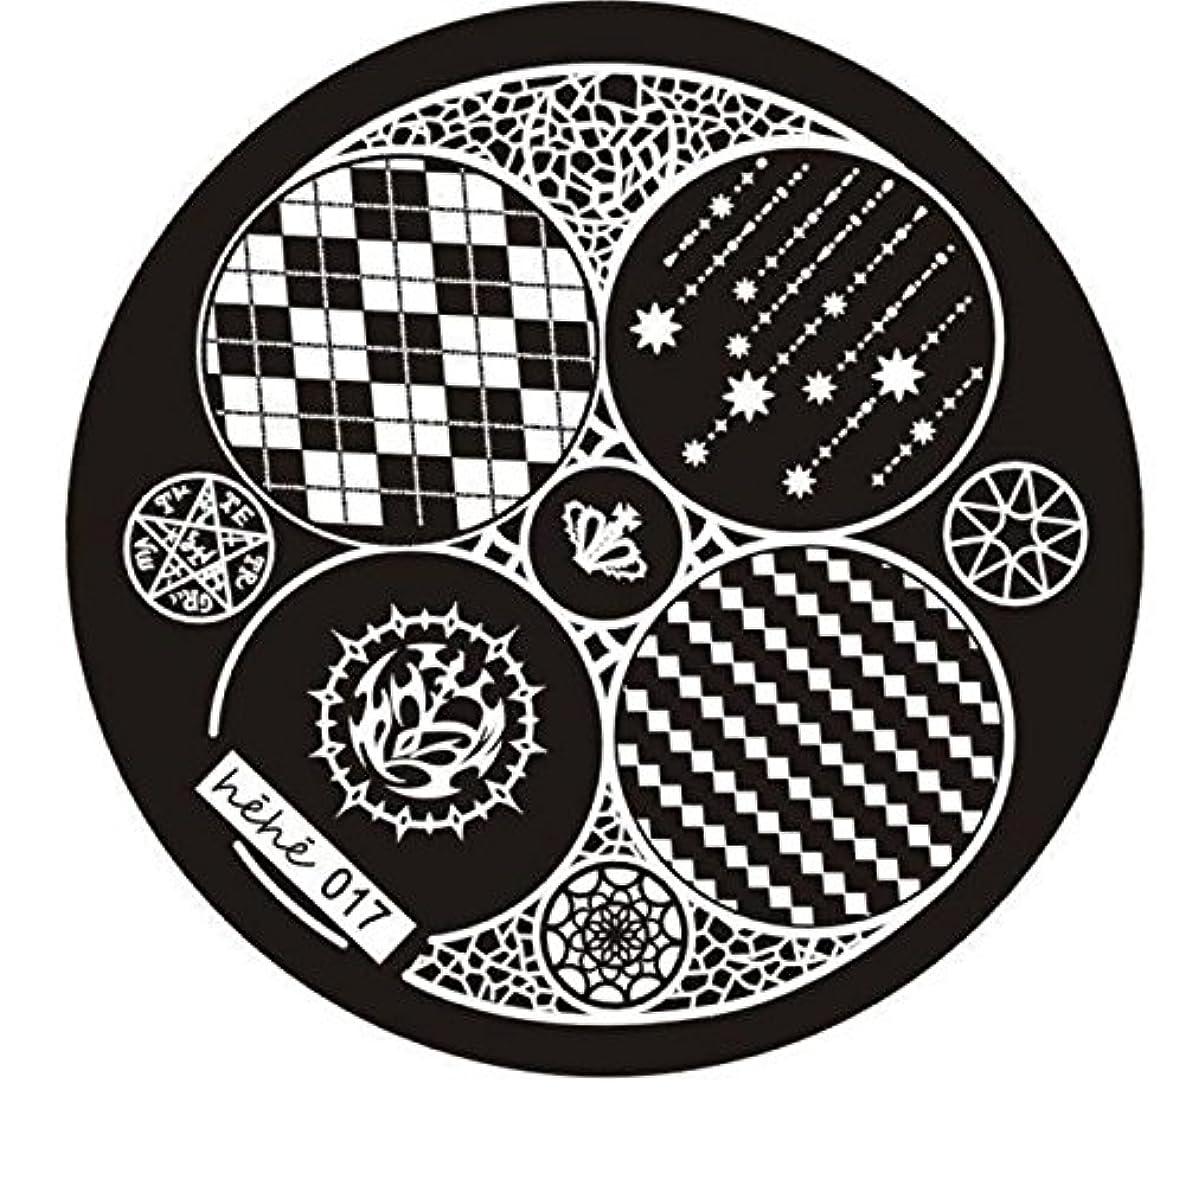 役立つ在庫ストレスの多いネイルアートイメージスタンプスタンピングプレートマニキュアテンプレートHeheシリーズ017